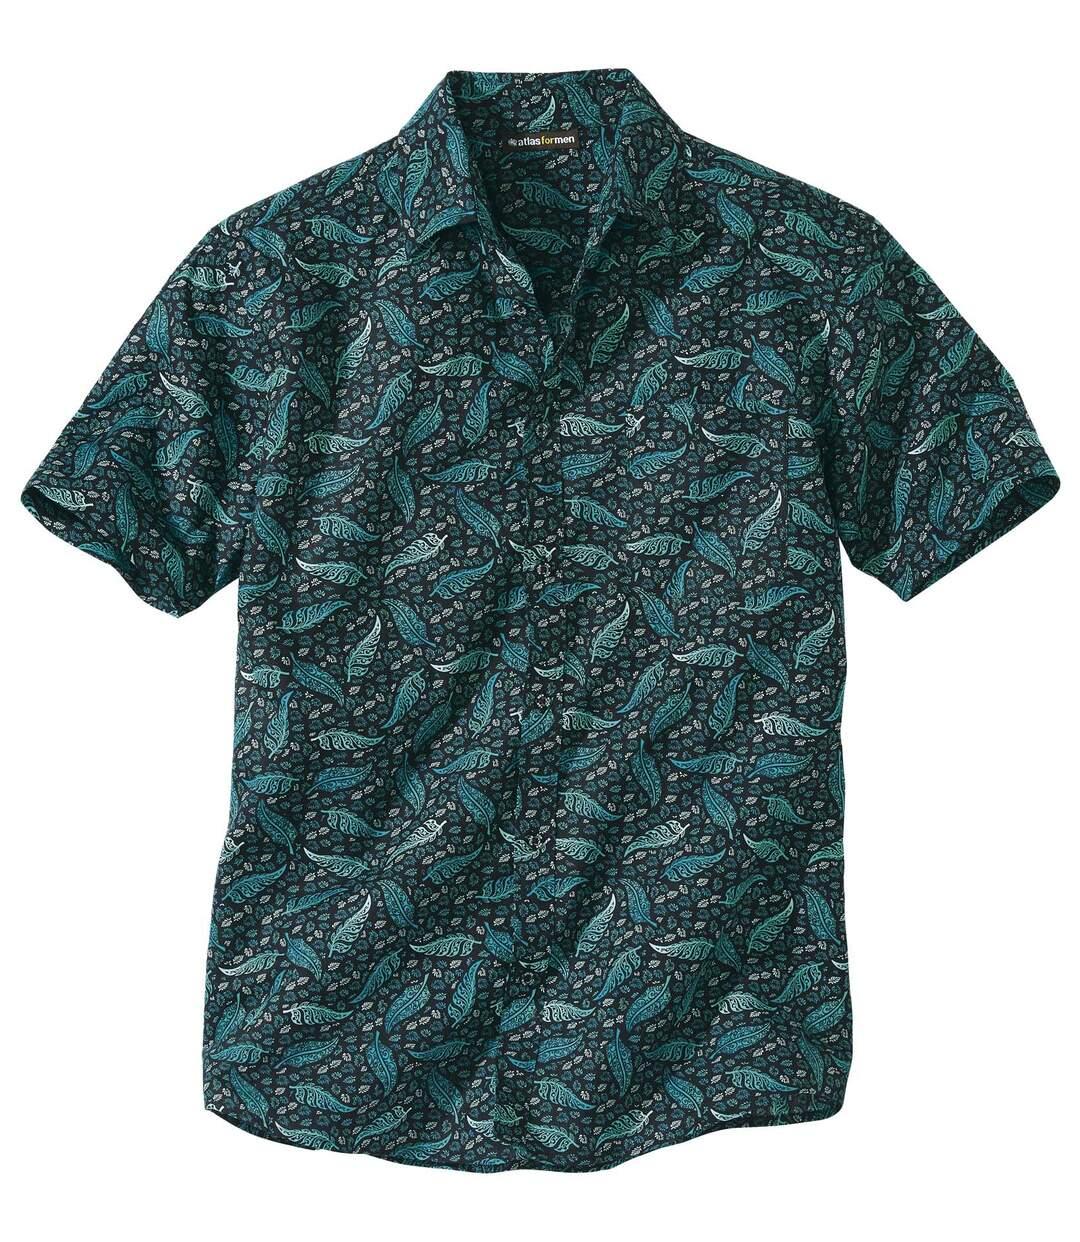 Hemd mit exotischem Druckmuster